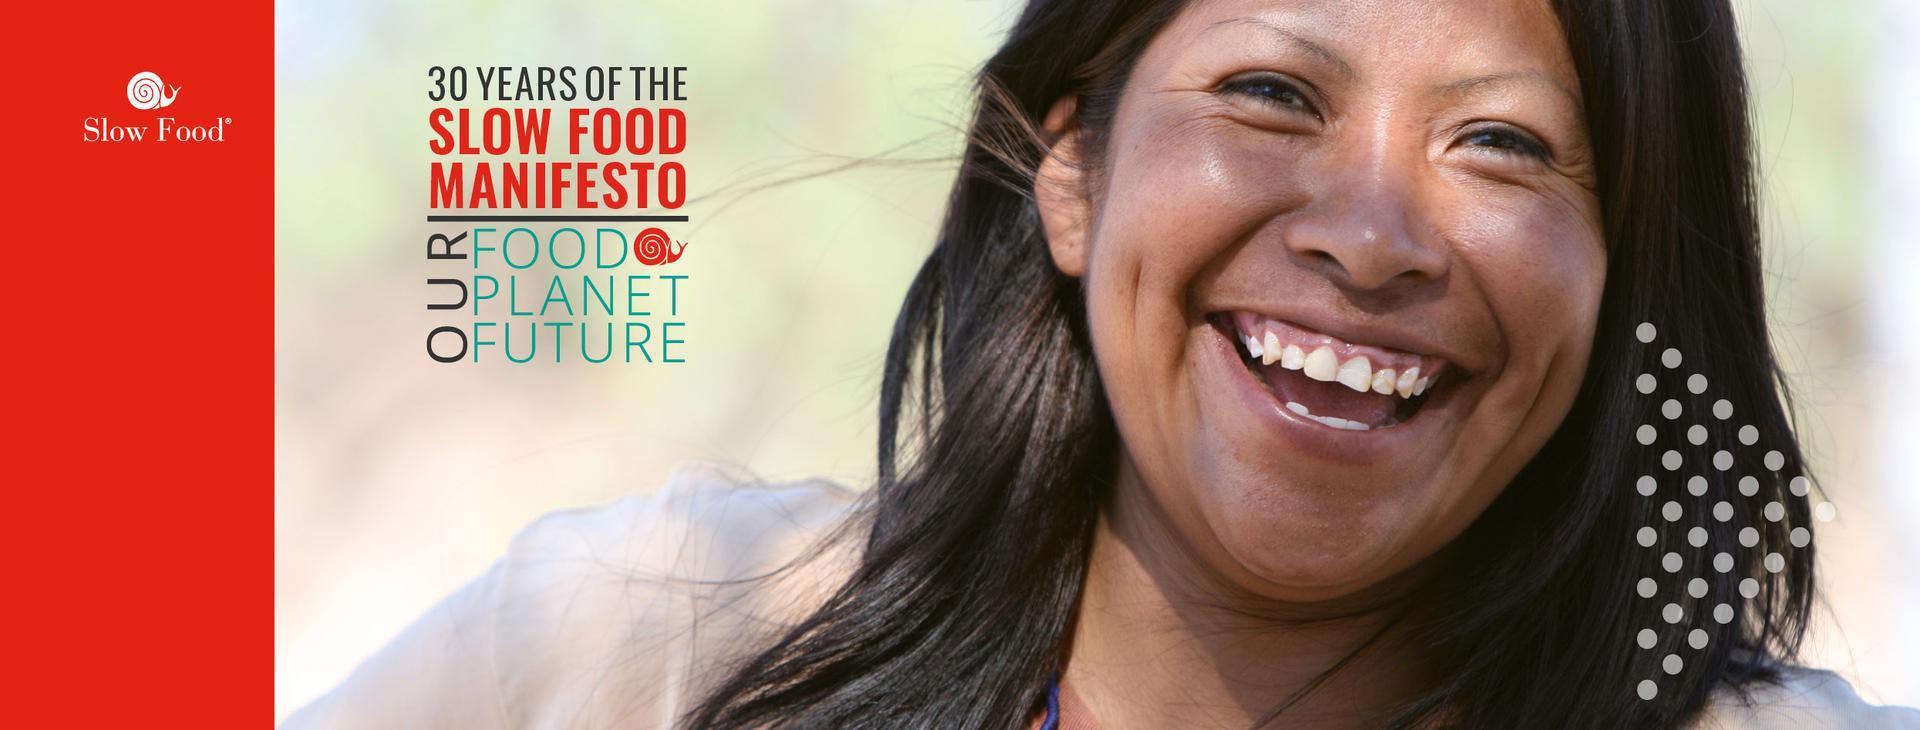 Centinaia gli eventi organizzati in tutto il mondo per festeggiare i 30 anni di Slow Food